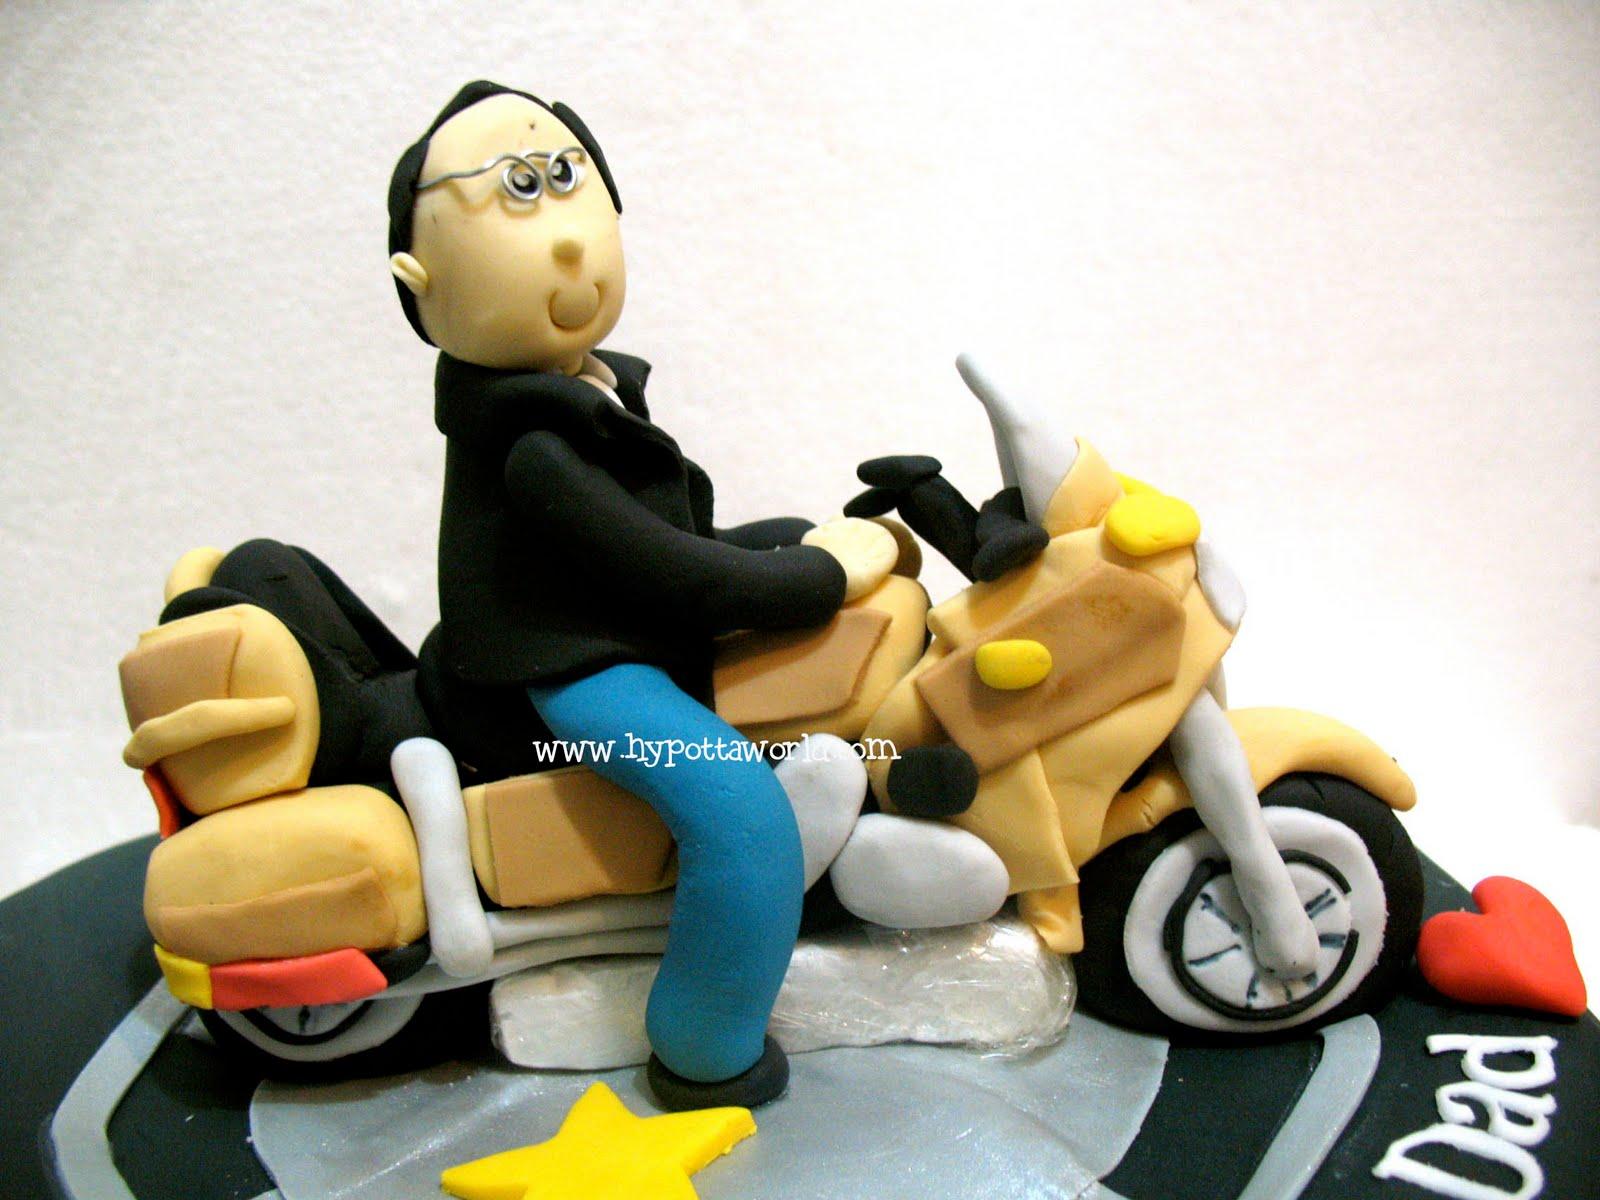 Hypotta Cakes